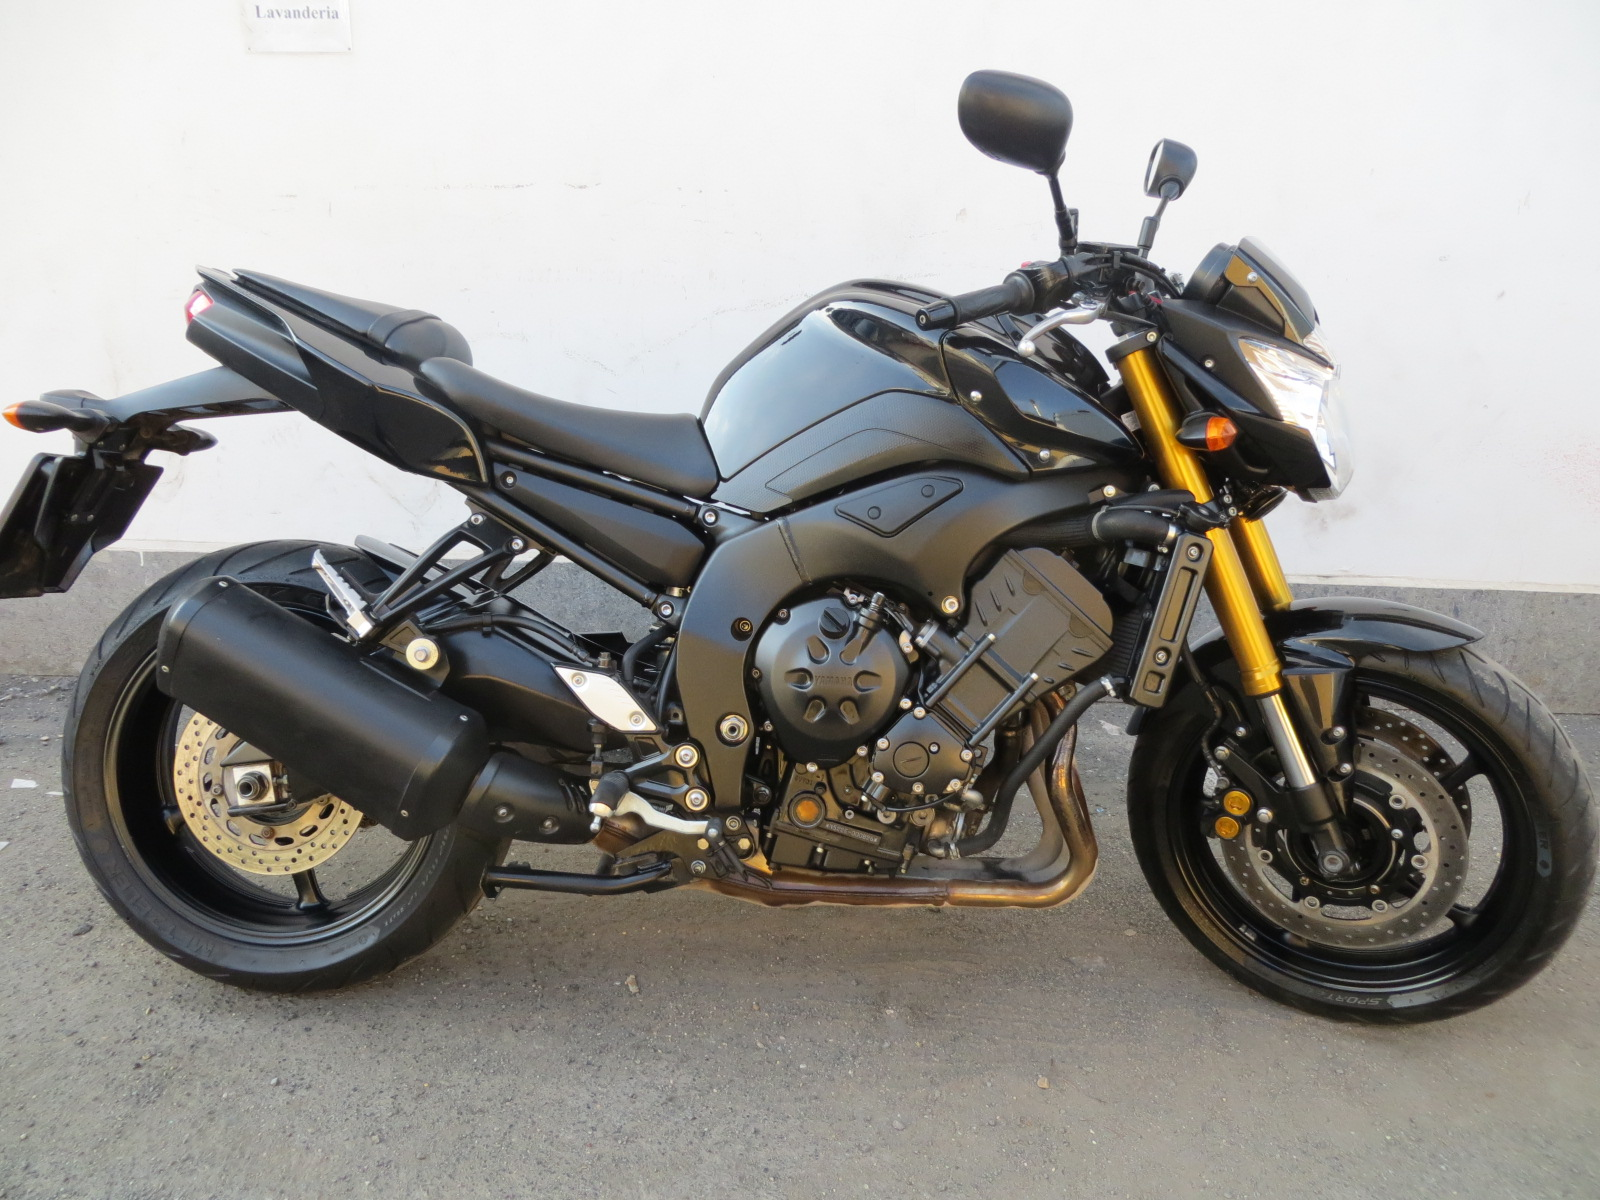 Yamaha Yamaha FZ8 Naked